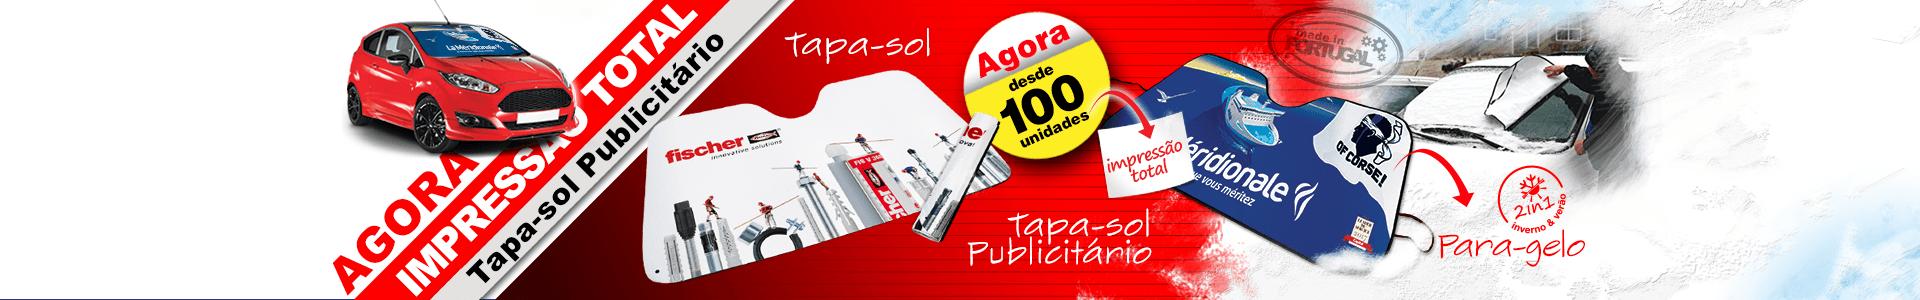 Tapasol Publicitario Impressao Digital